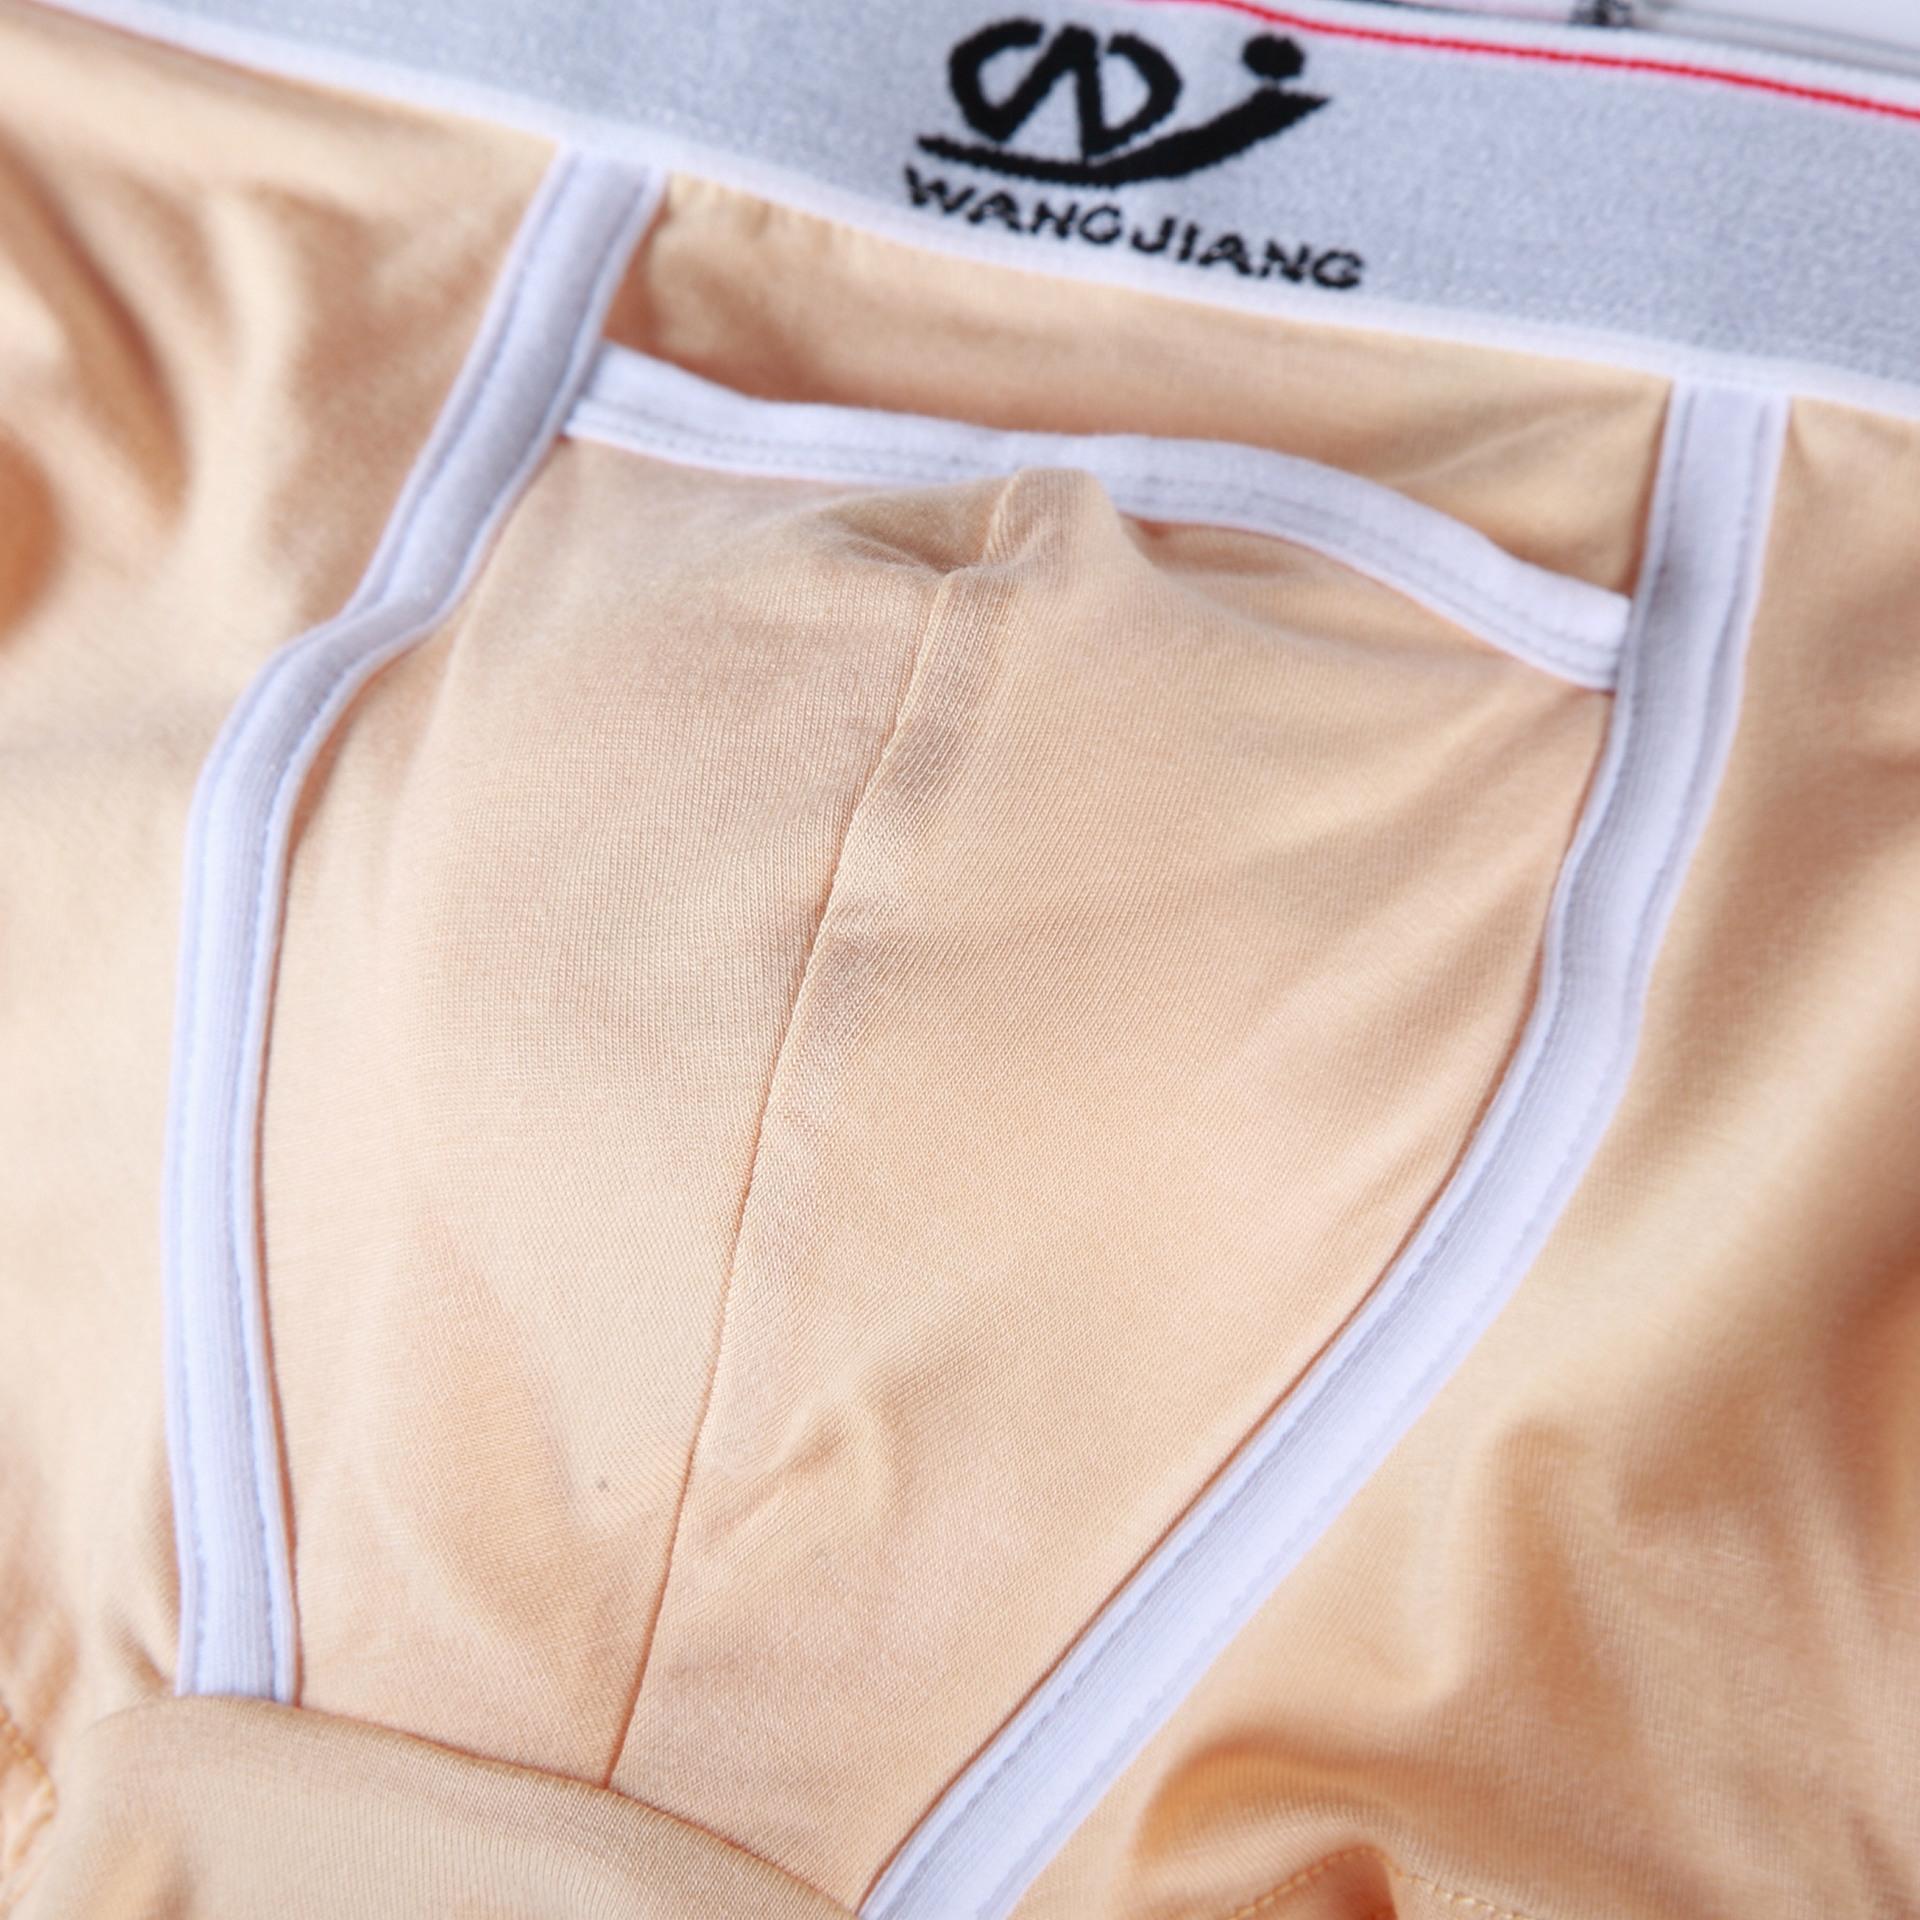 WJ / 통기성 얇은 스타일 WJ / 웹 마스터 남성의 모달 속옷 복서 팬티 남성의 모달 숨 얇은 스타일의 복서 웹 마스터